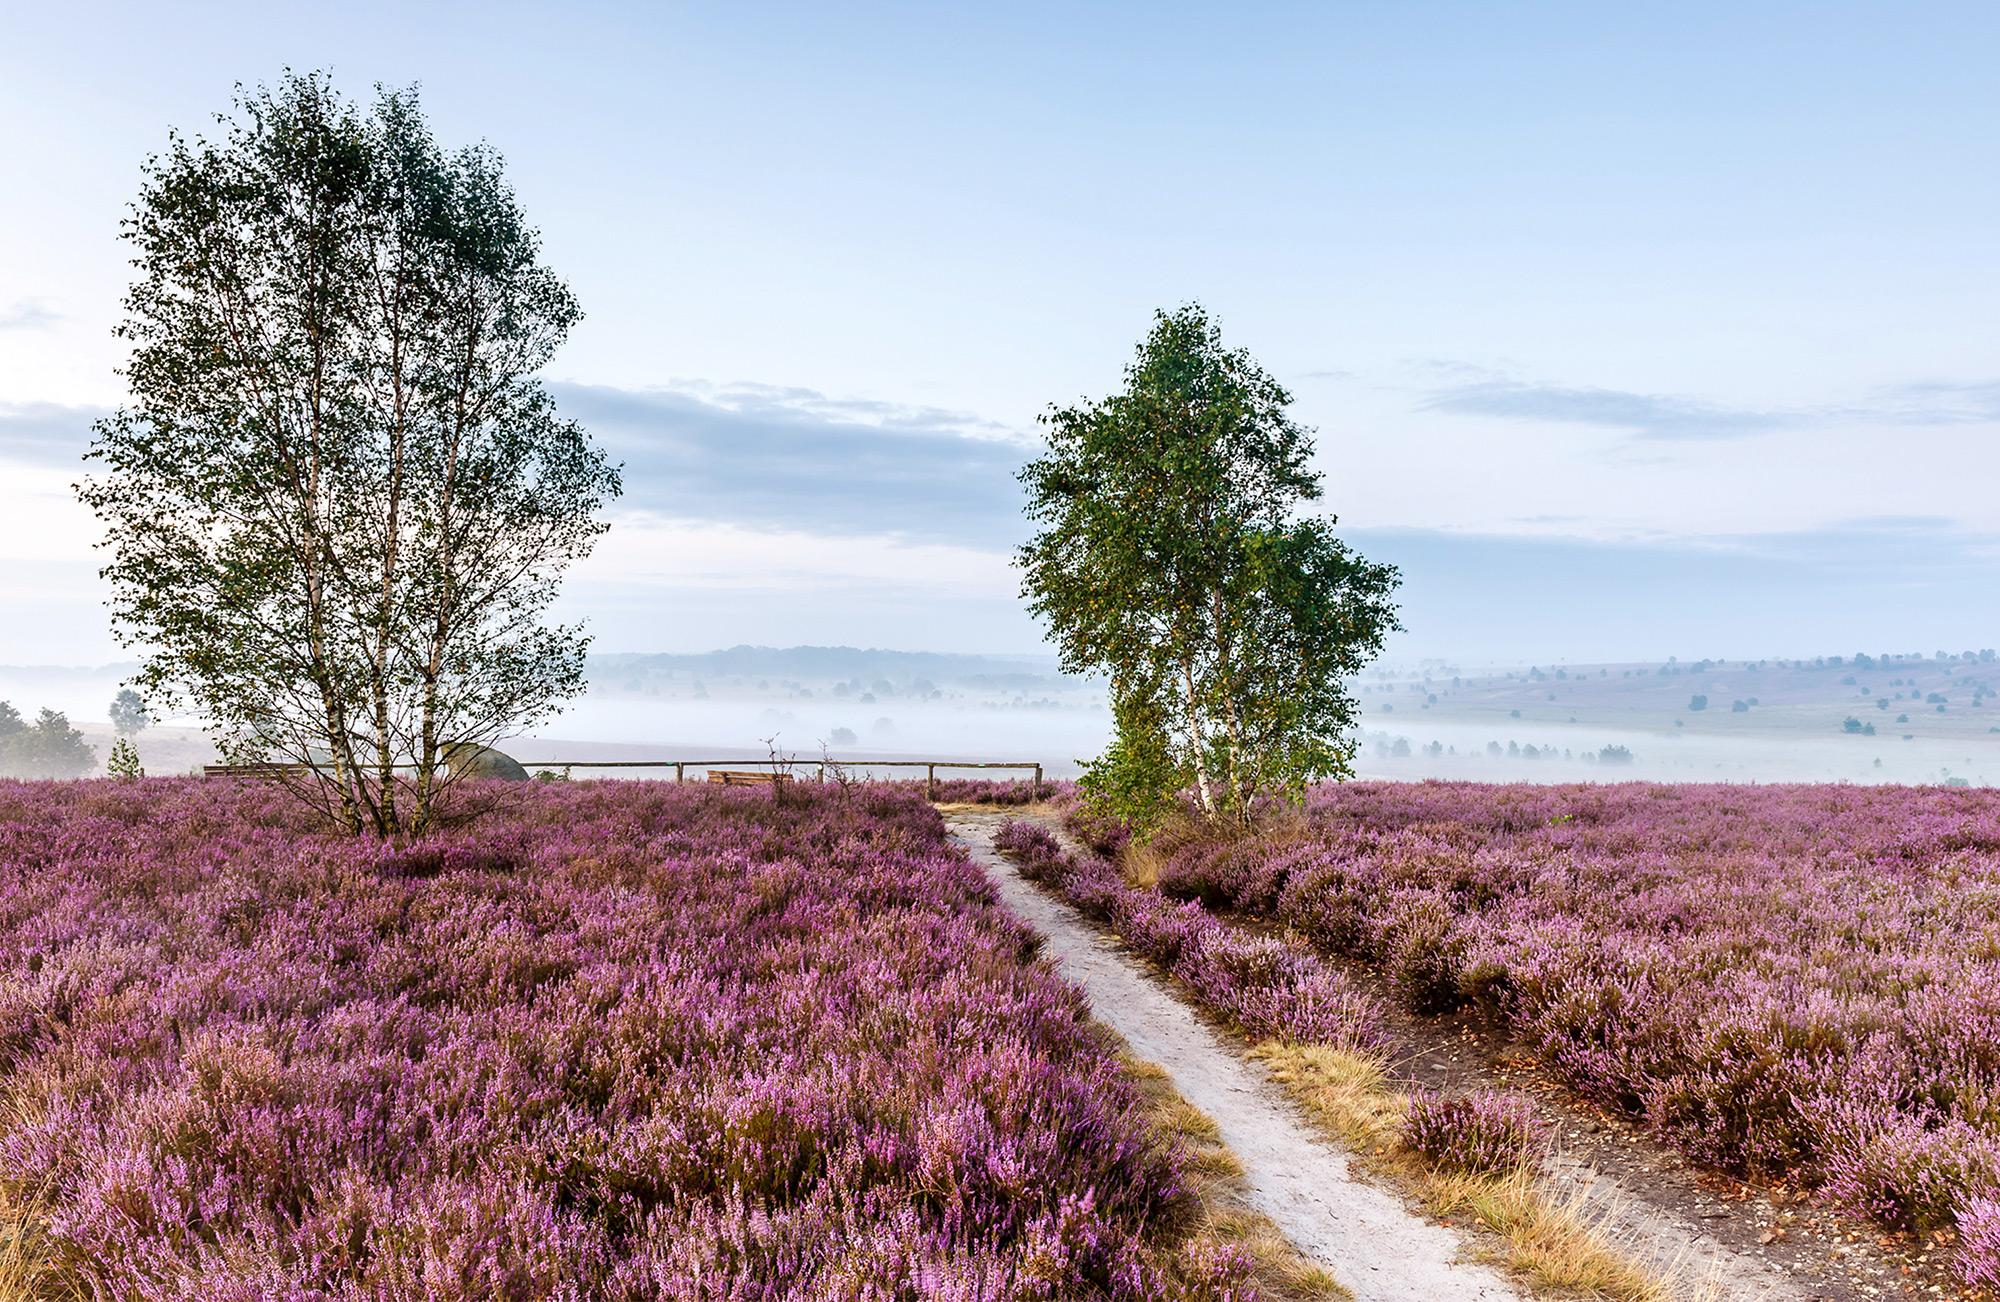 Die lila Heideblüte in der Lüneburger Heide erinnert an die französische Provence